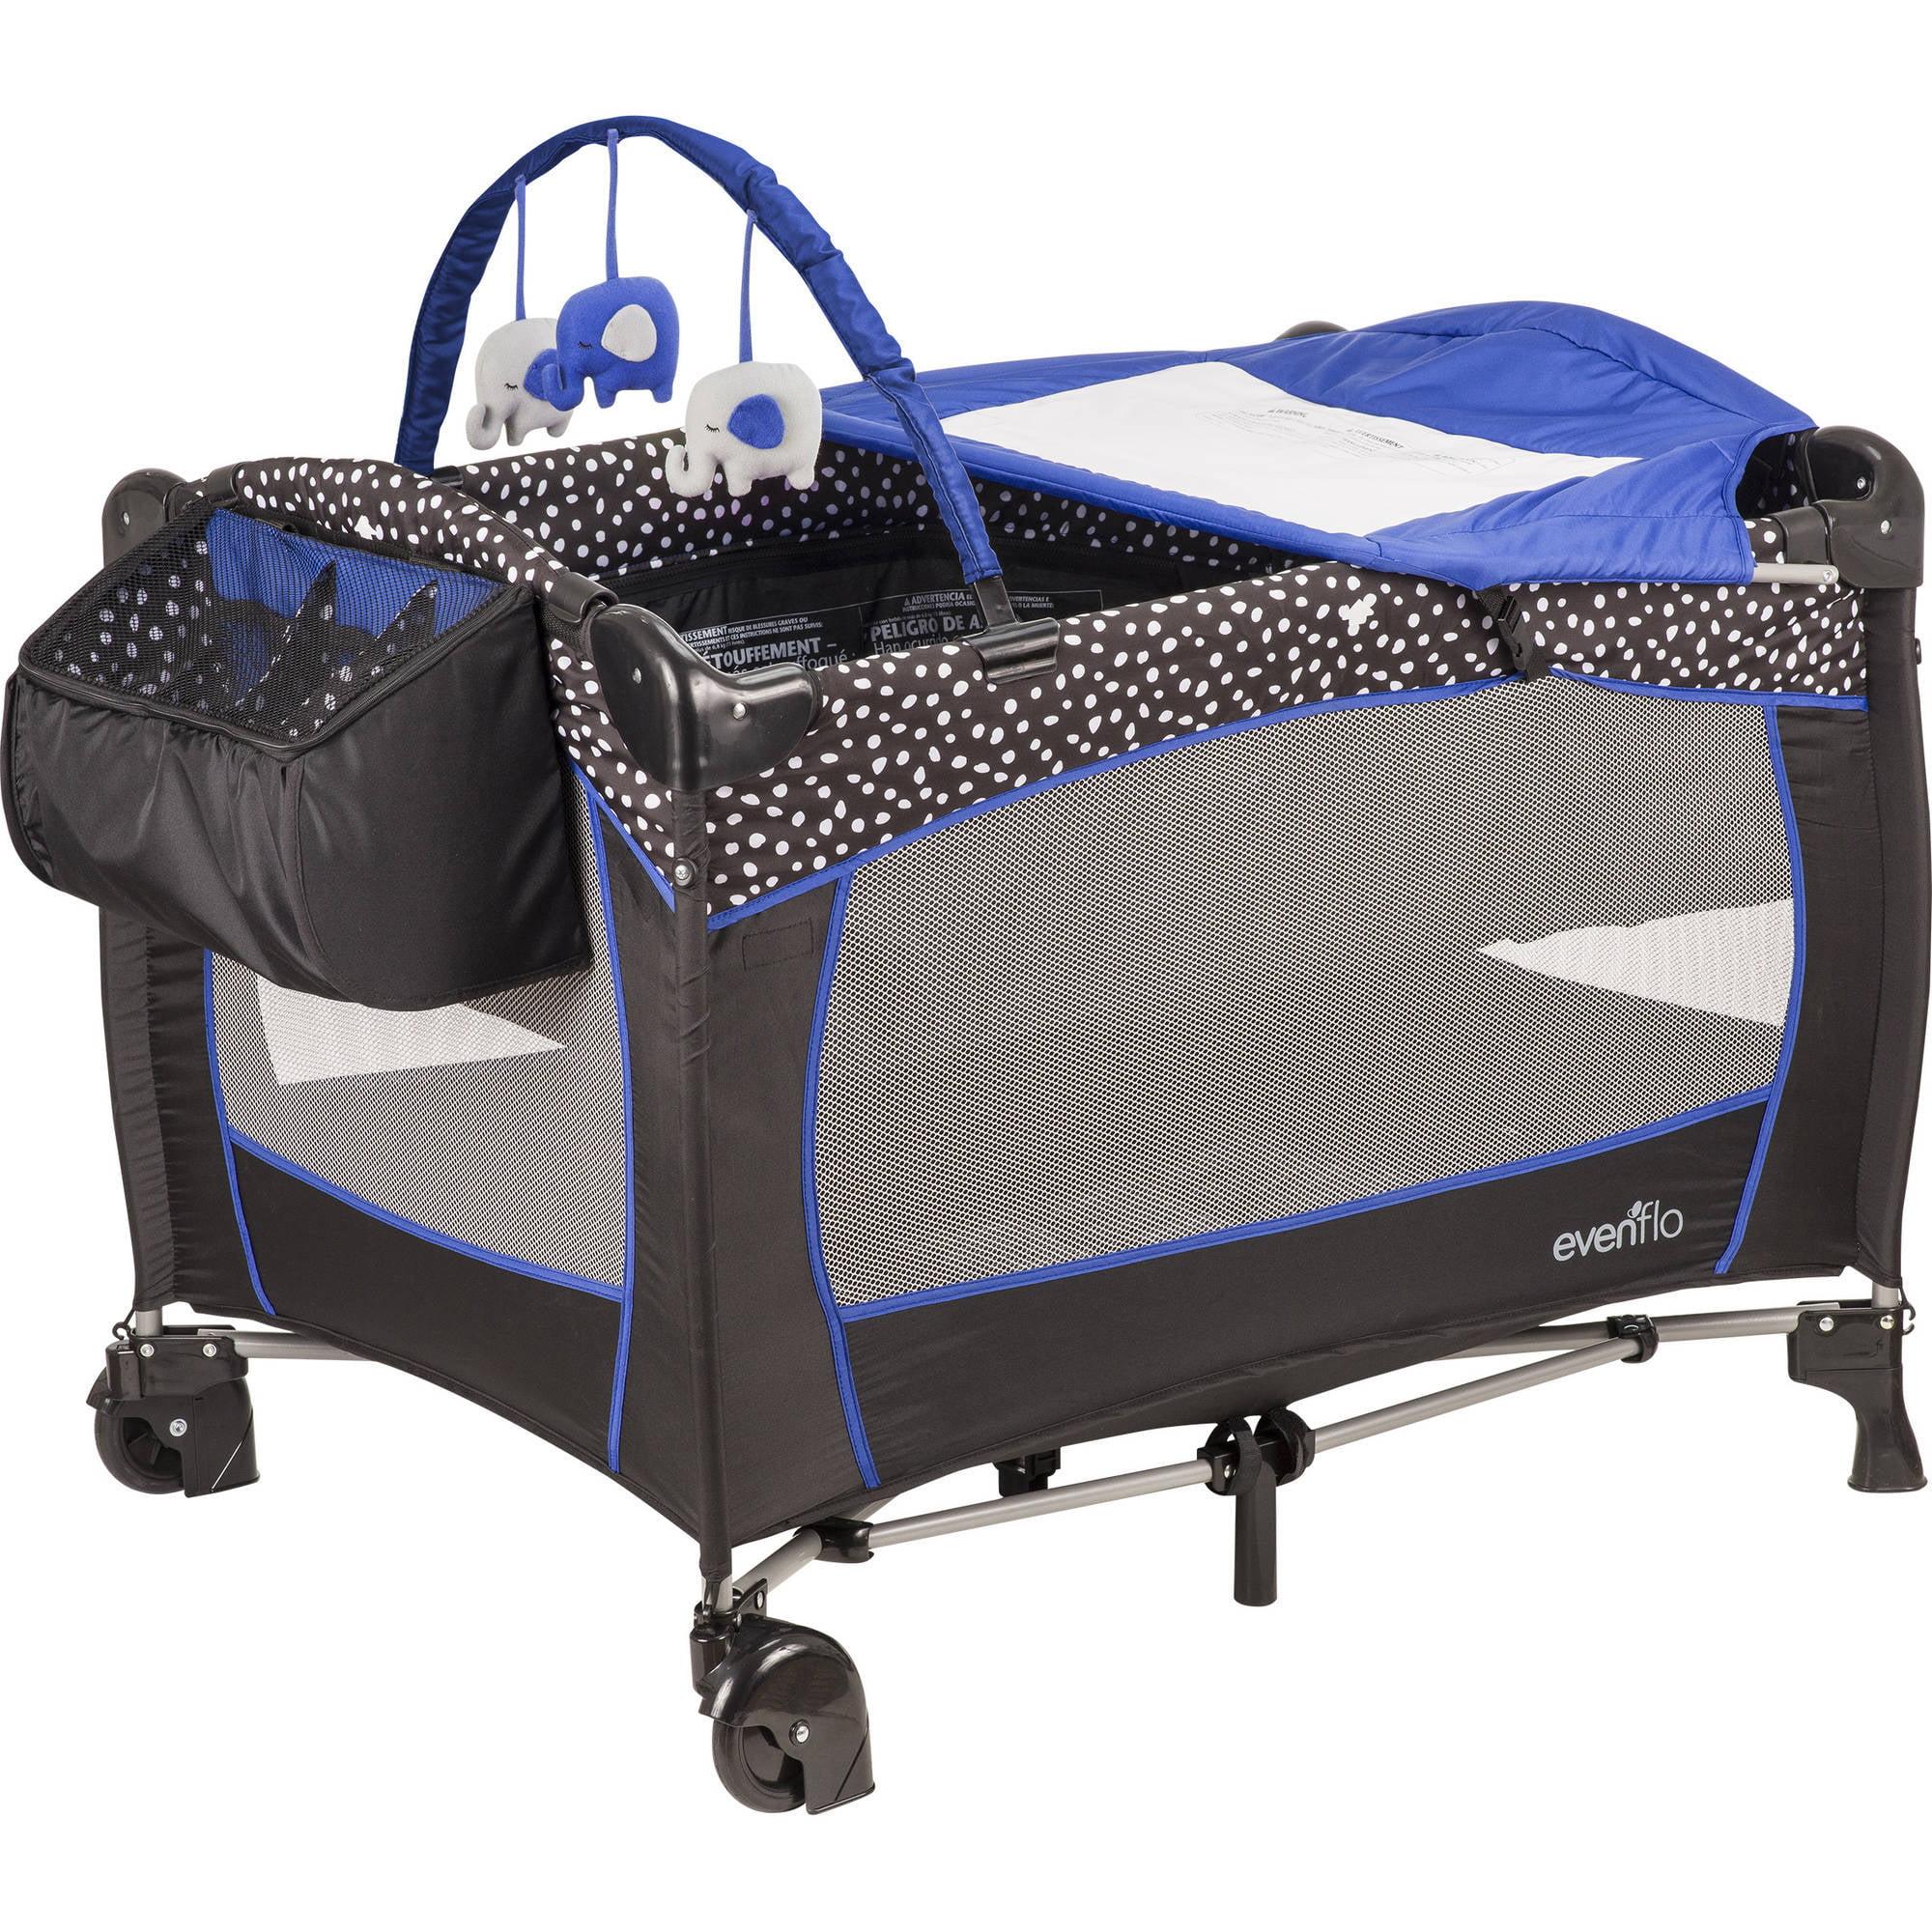 Evenflo Portable Babysuite Deluxe Playard, Hayden Dot